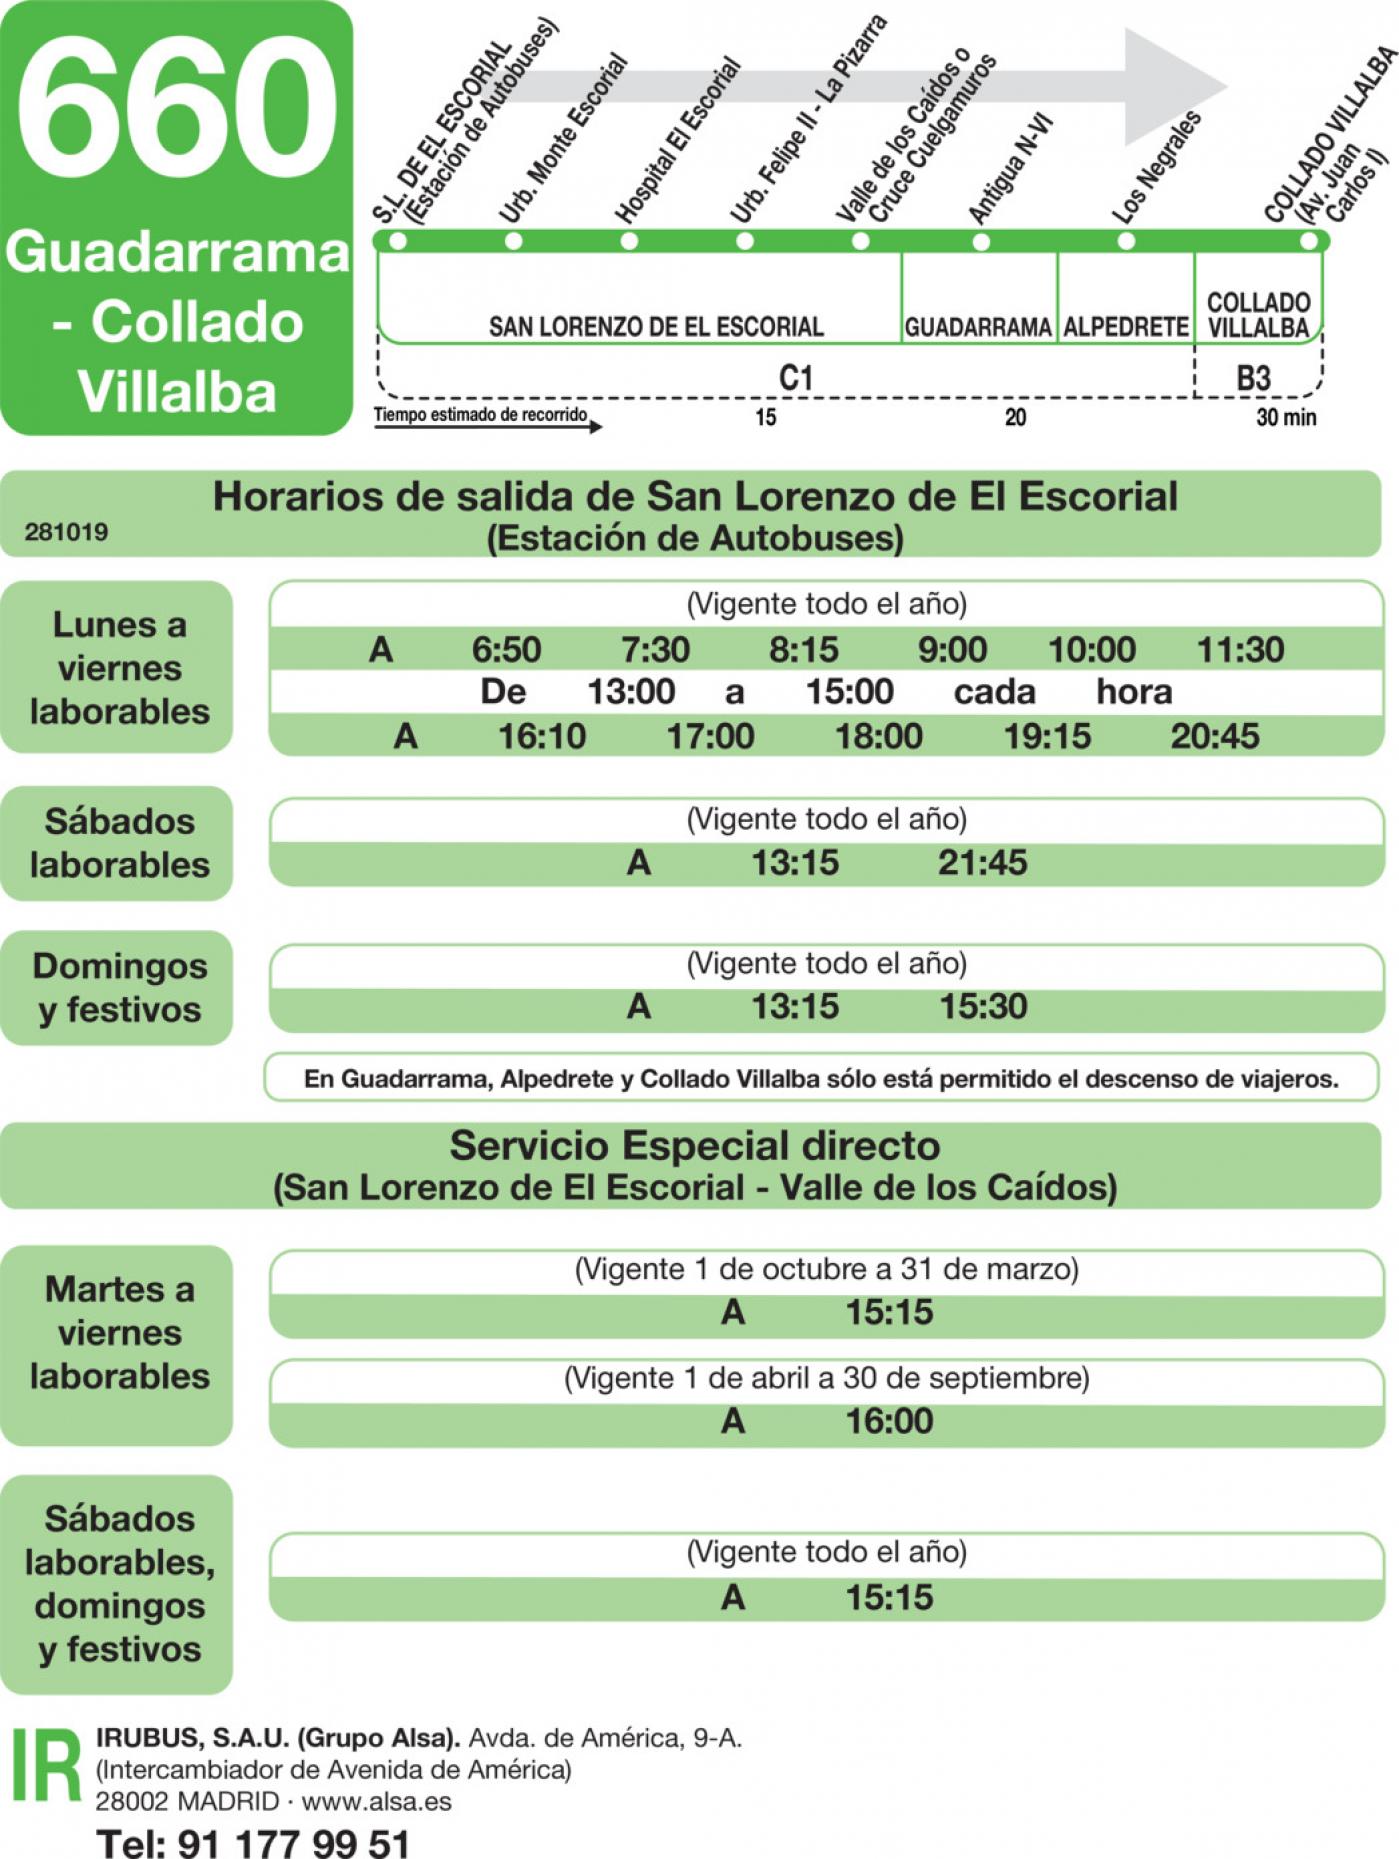 Tabla de horarios y frecuencias de paso en sentido ida Línea 660: San Lorenzo de El Escorial - Guadarrama - Villalba